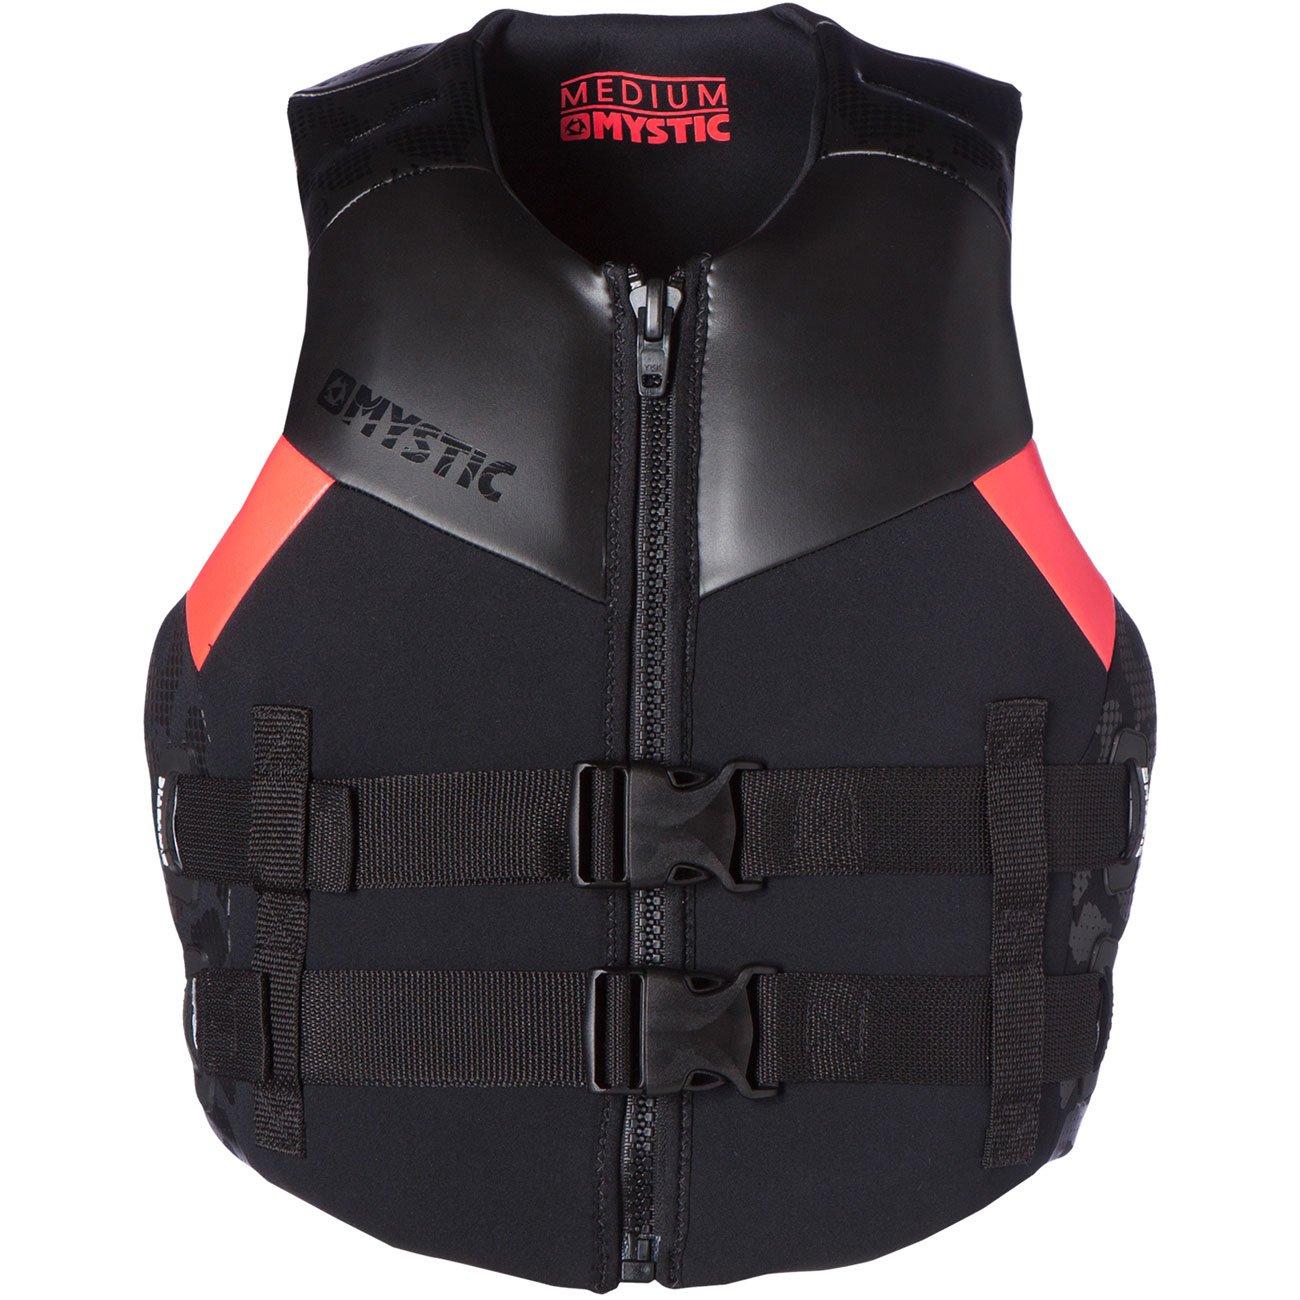 MYSTIC(ミスティック) Curve Floatation vest ISO/EN適合レディースウェイクボードベスト [35005.150590] レディース マリンスポーツウェア インパクトベスト浮力体 S  B075R8K74L